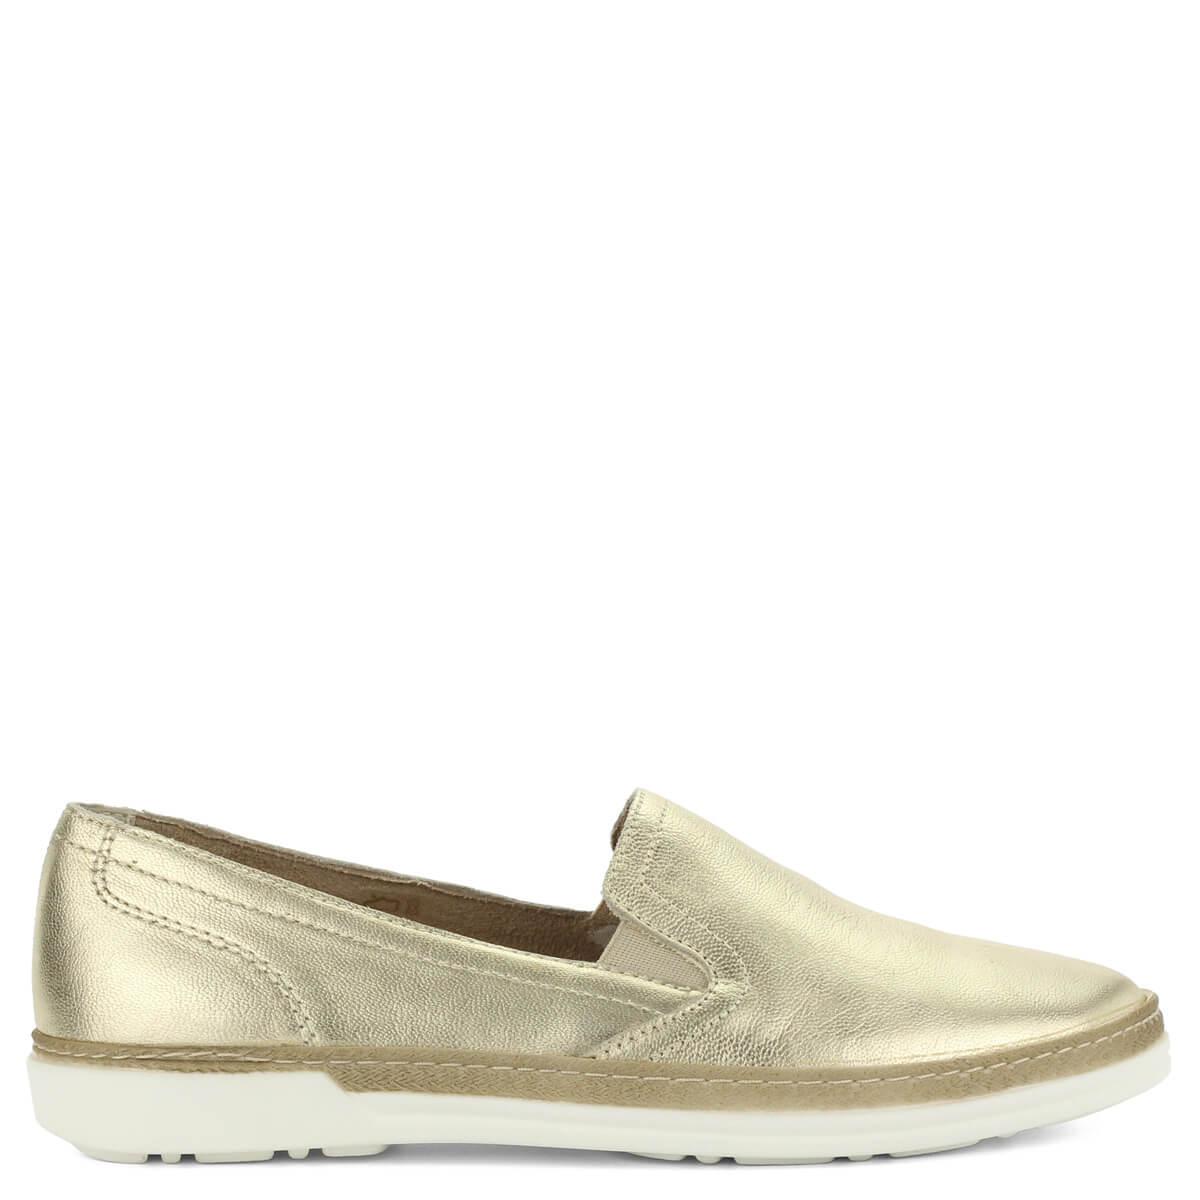 d5a4a2a487ec Aeros arany bőr slipon - olasz gyártású könnyű női bőr cipő